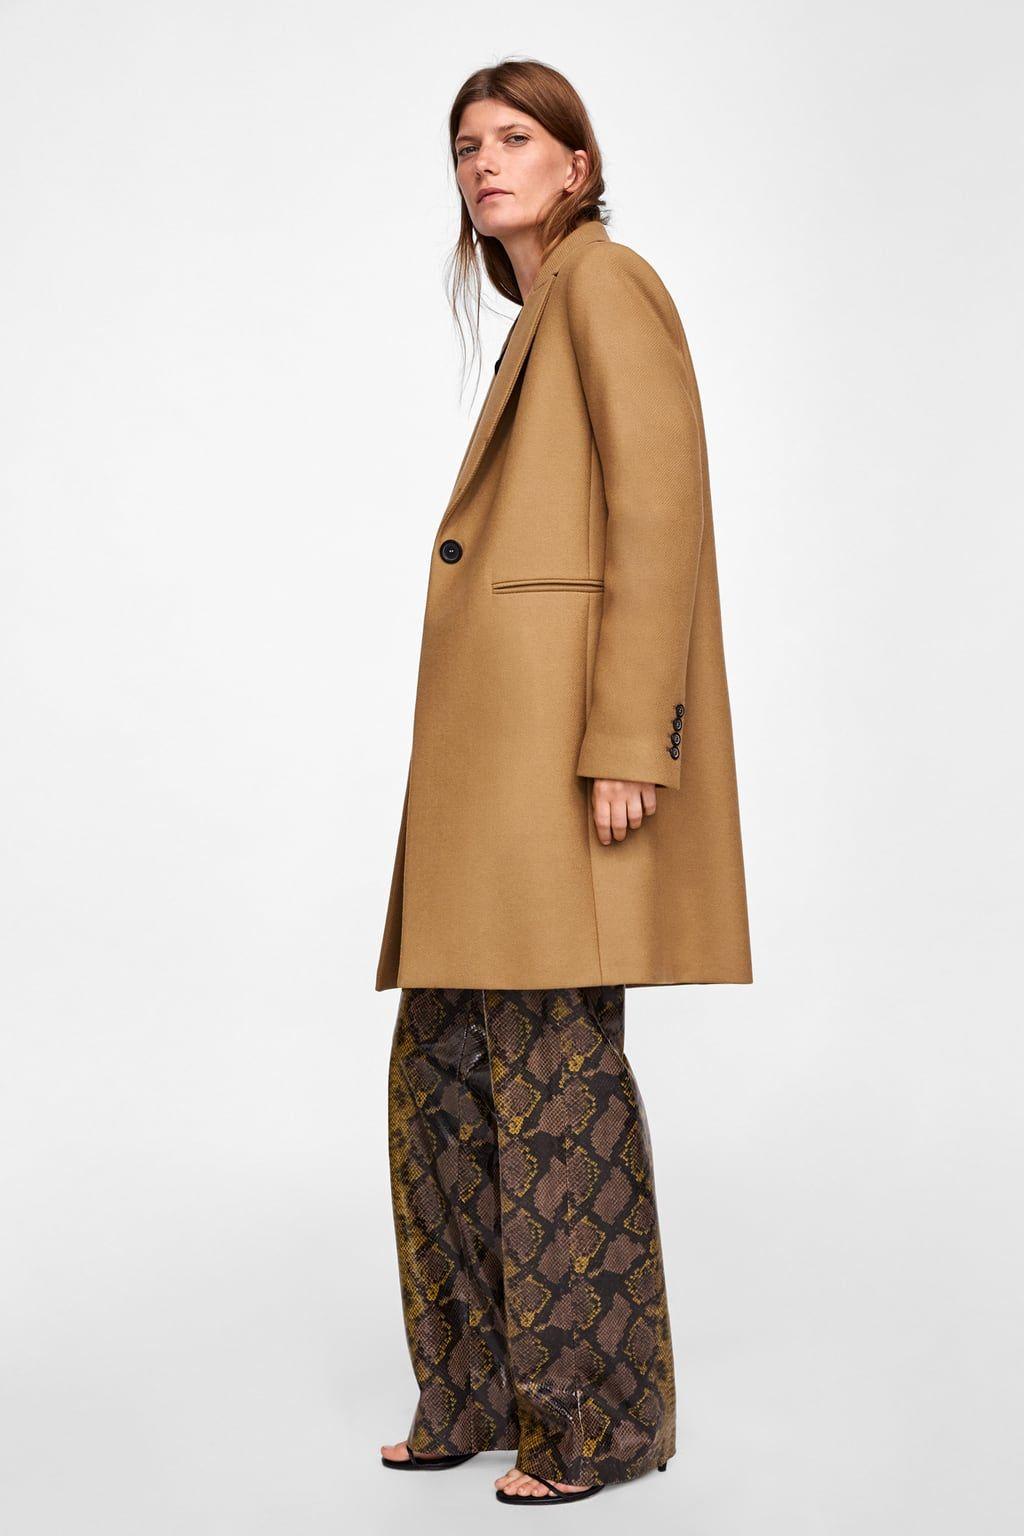 chaussures de séparation 02a57 00292 Image 6 de MANTEAU MASCULIN de Zara | Something à la mode ...